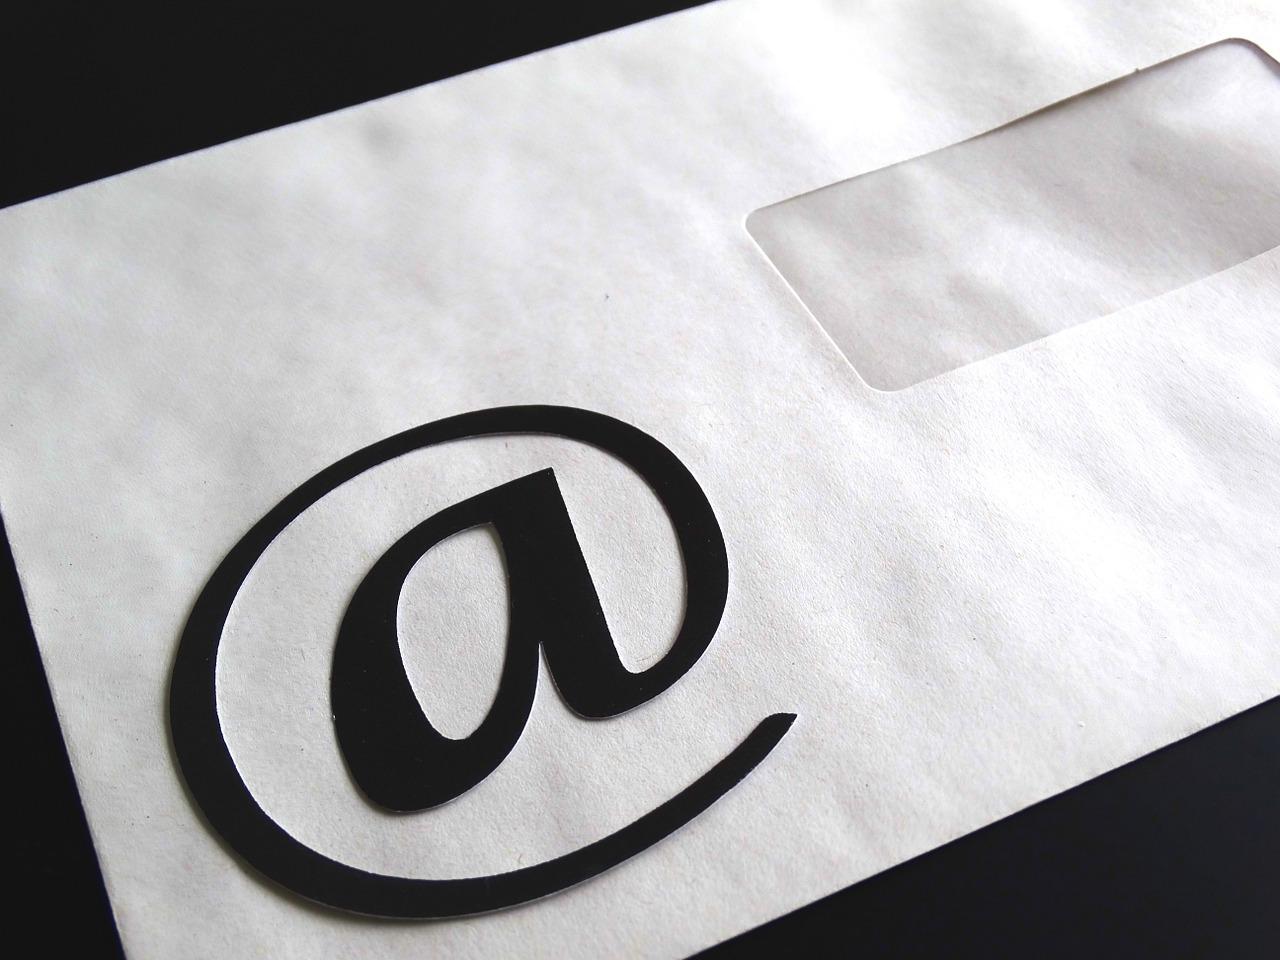 Registrazioni: la conferma dell'e-mail è davvero necessaria?